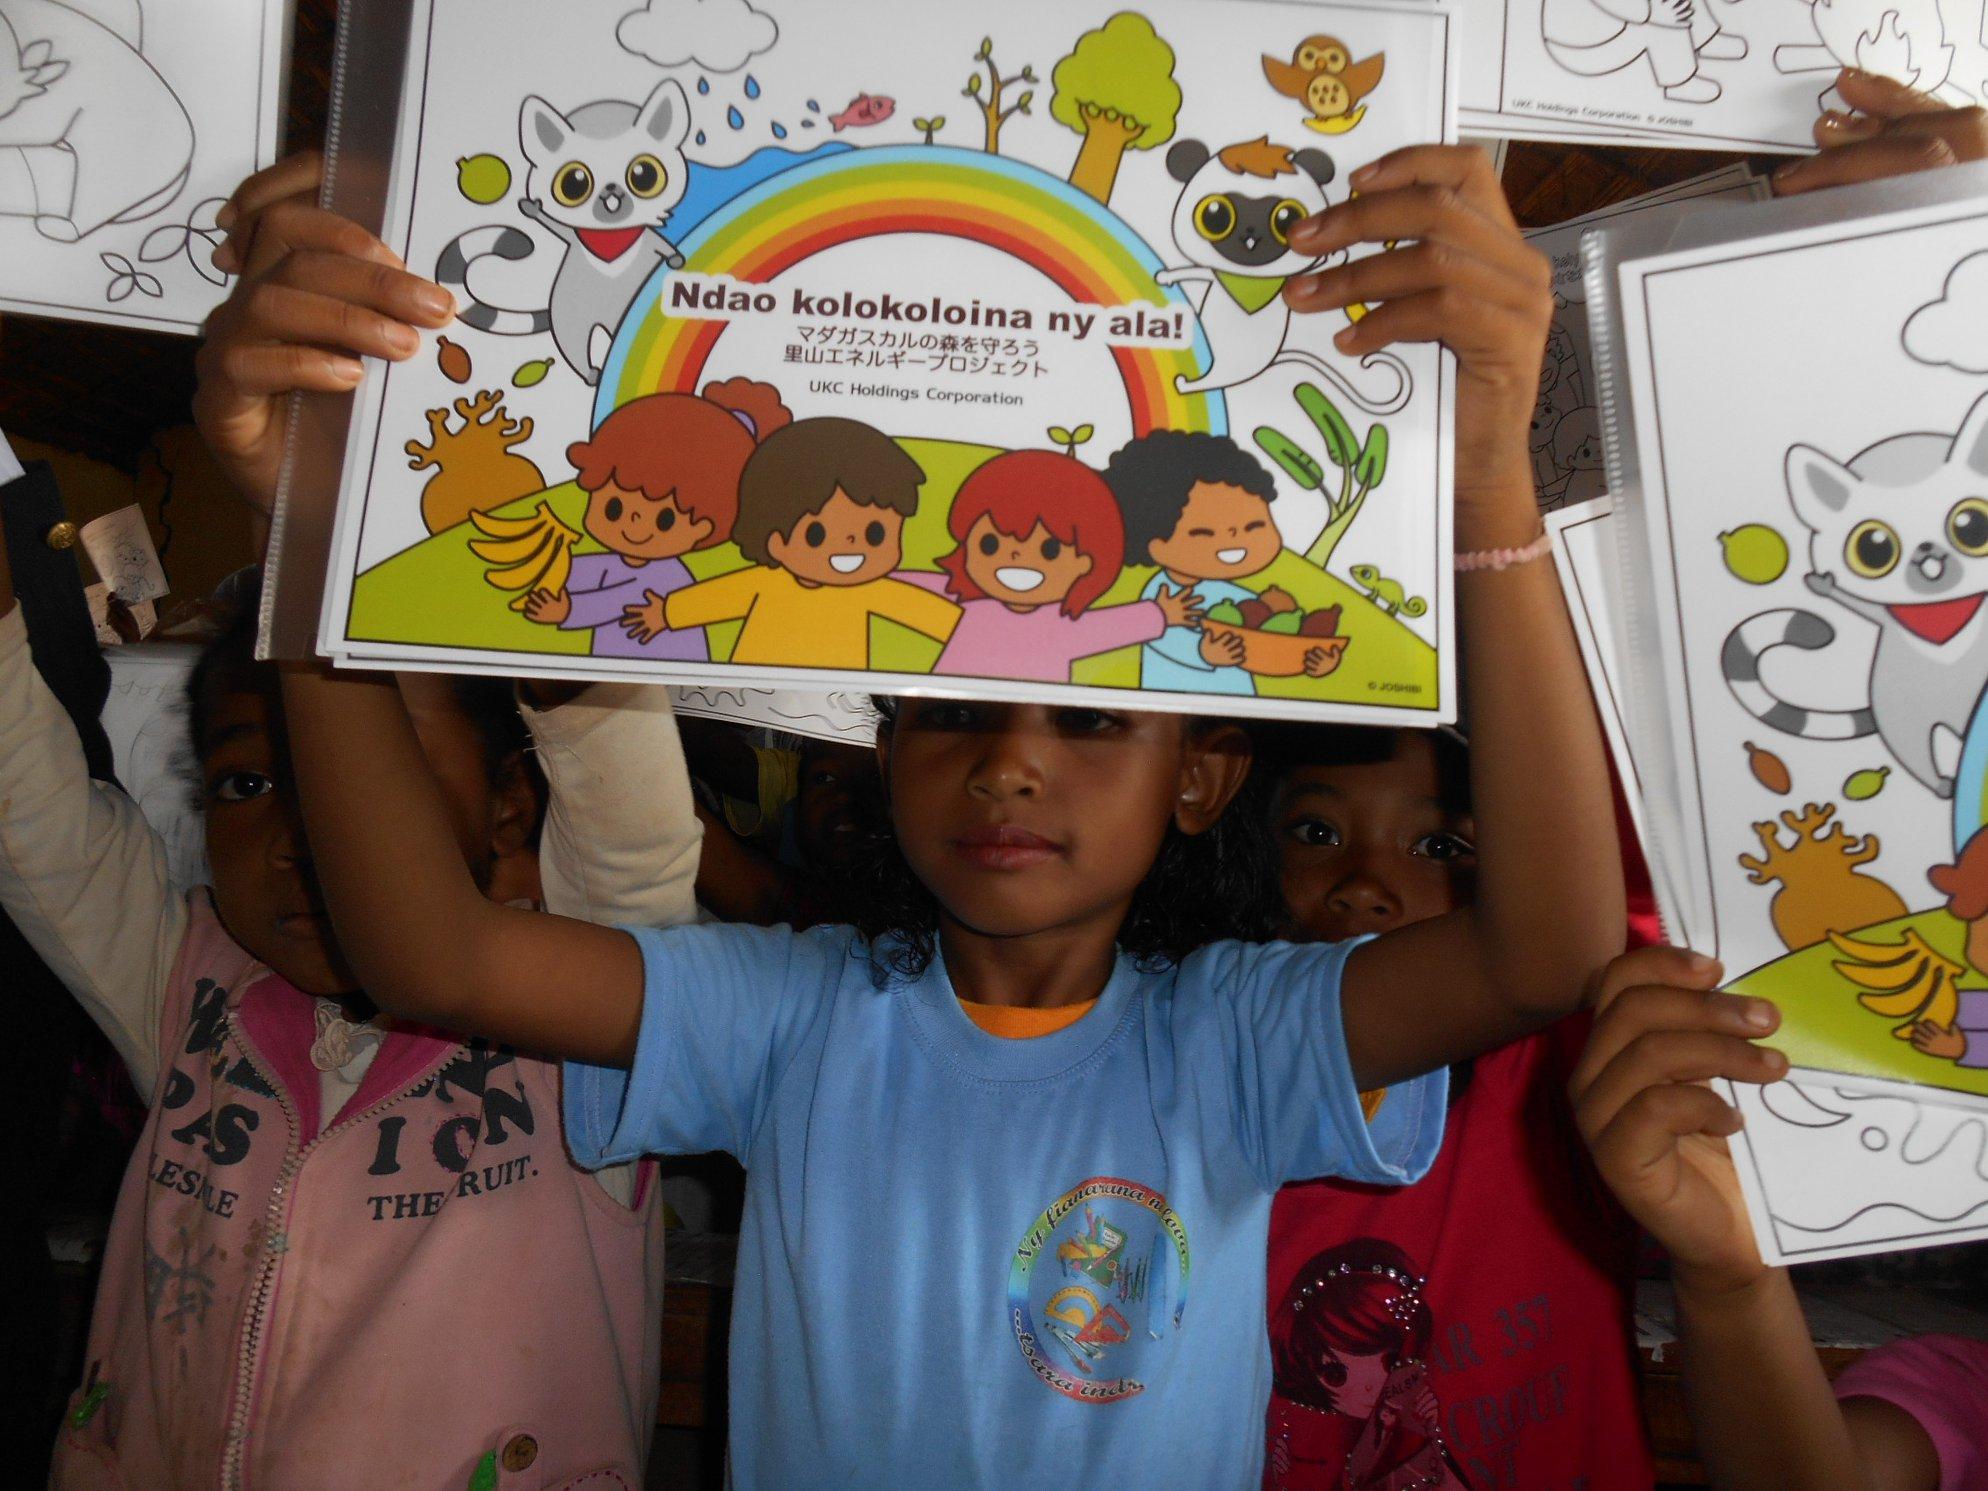 【アクション!SDGs:マダガスカル支援】 『SDGsラジオ』を通し森の大切さや日本の文化を伝えたい! クラウドファンディングにご協力をお願いします。